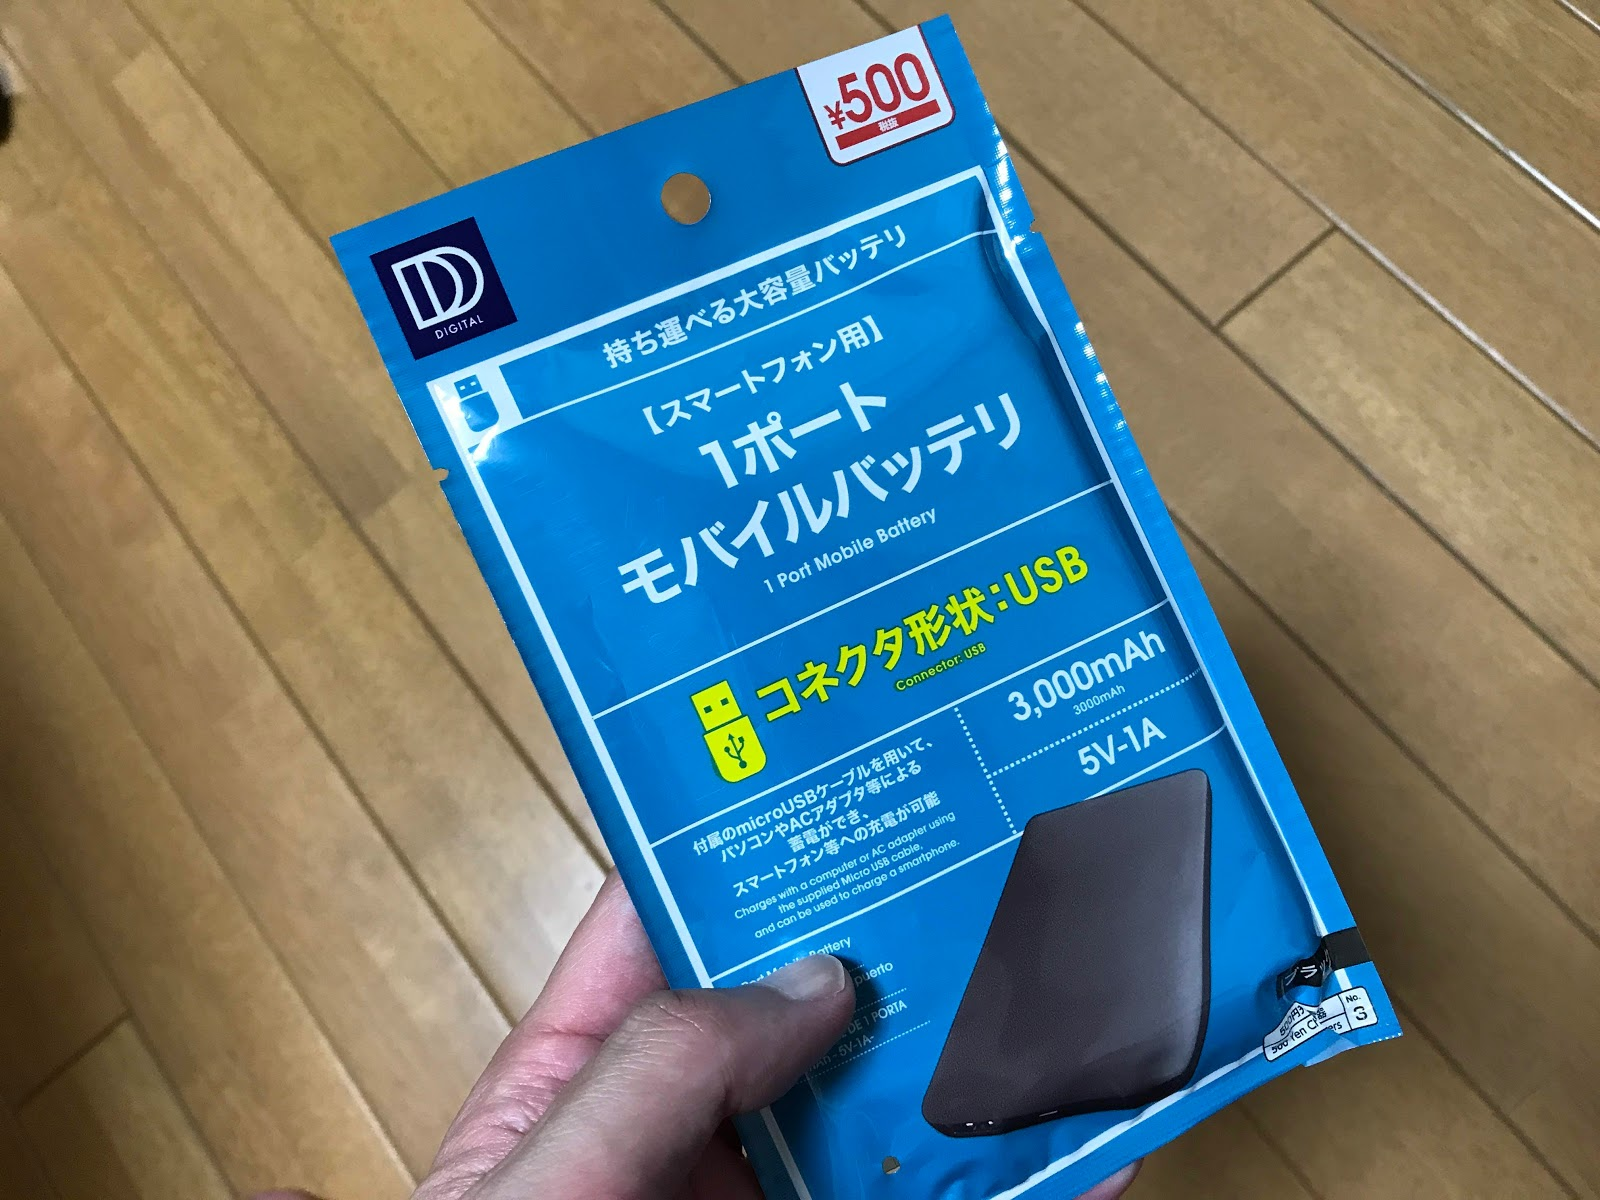 ダイソー500円モバイルバッテリー